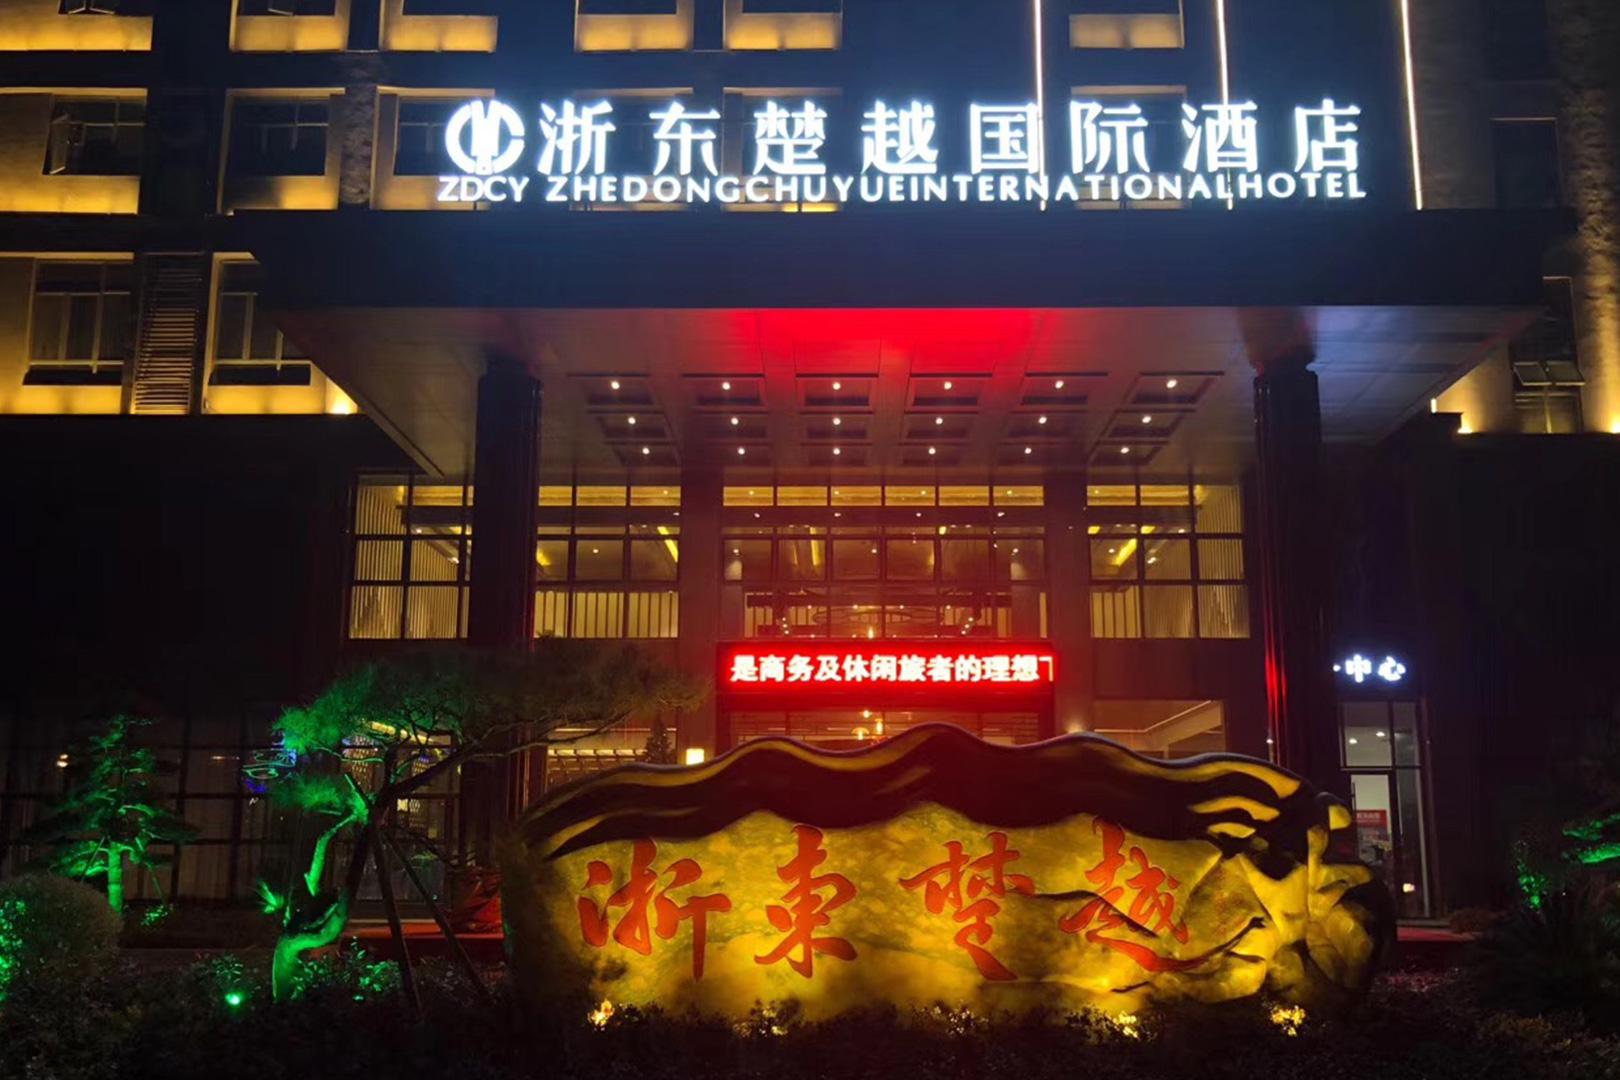 浙东楚越国际酒店案例